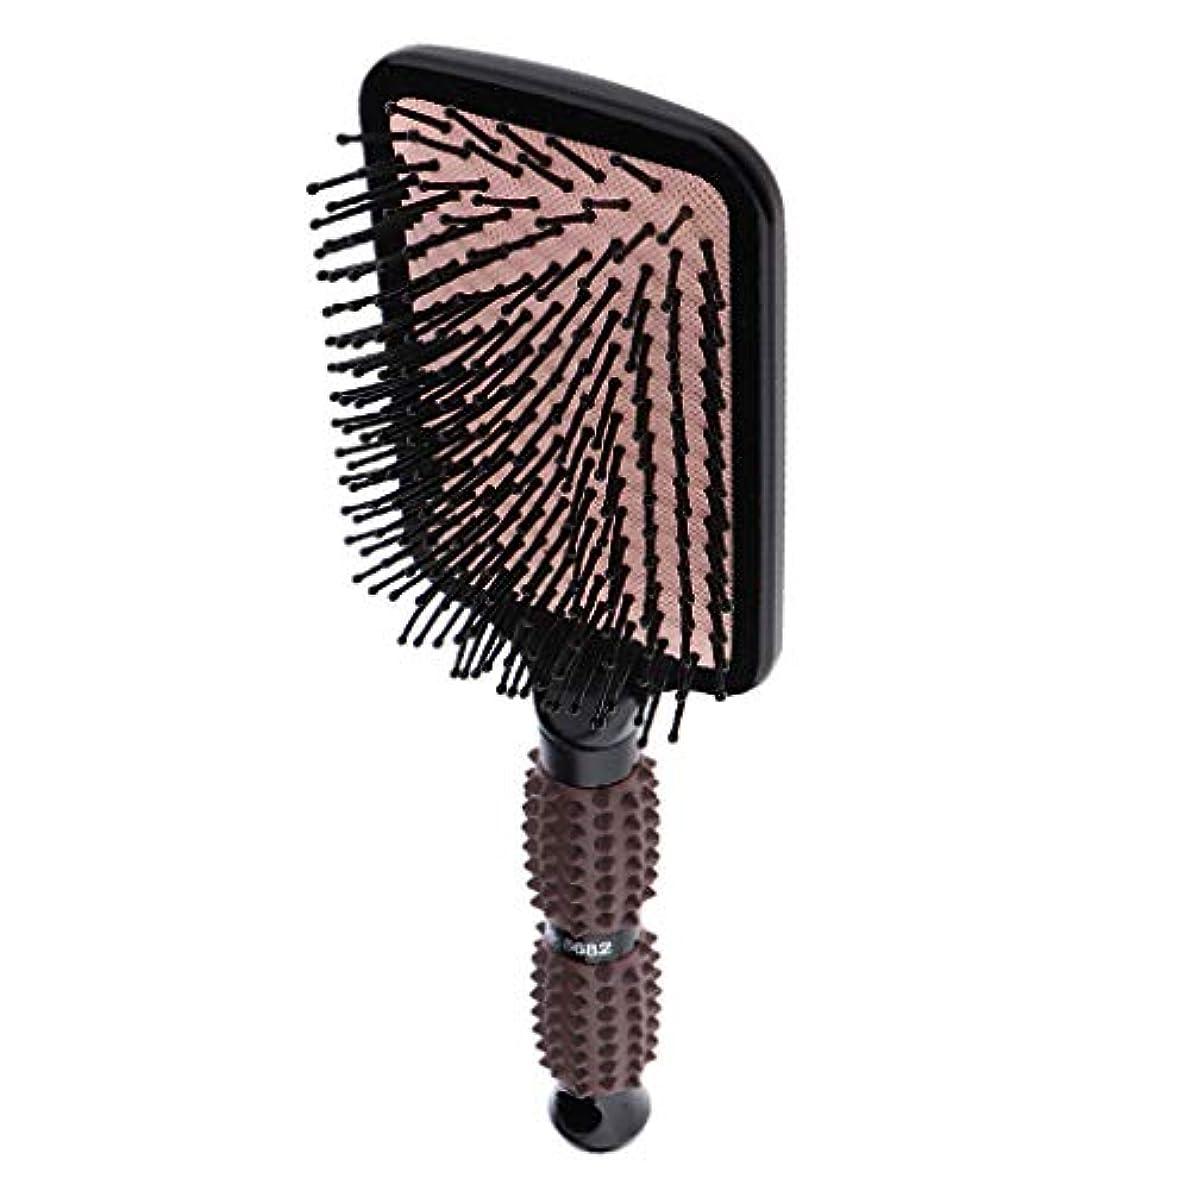 DYNWAVE ヘアブラシ 毛 頭皮 マッサージ 美髪ケア マッサージコーム 帯電防止 全2サイズ選べ - スクエア